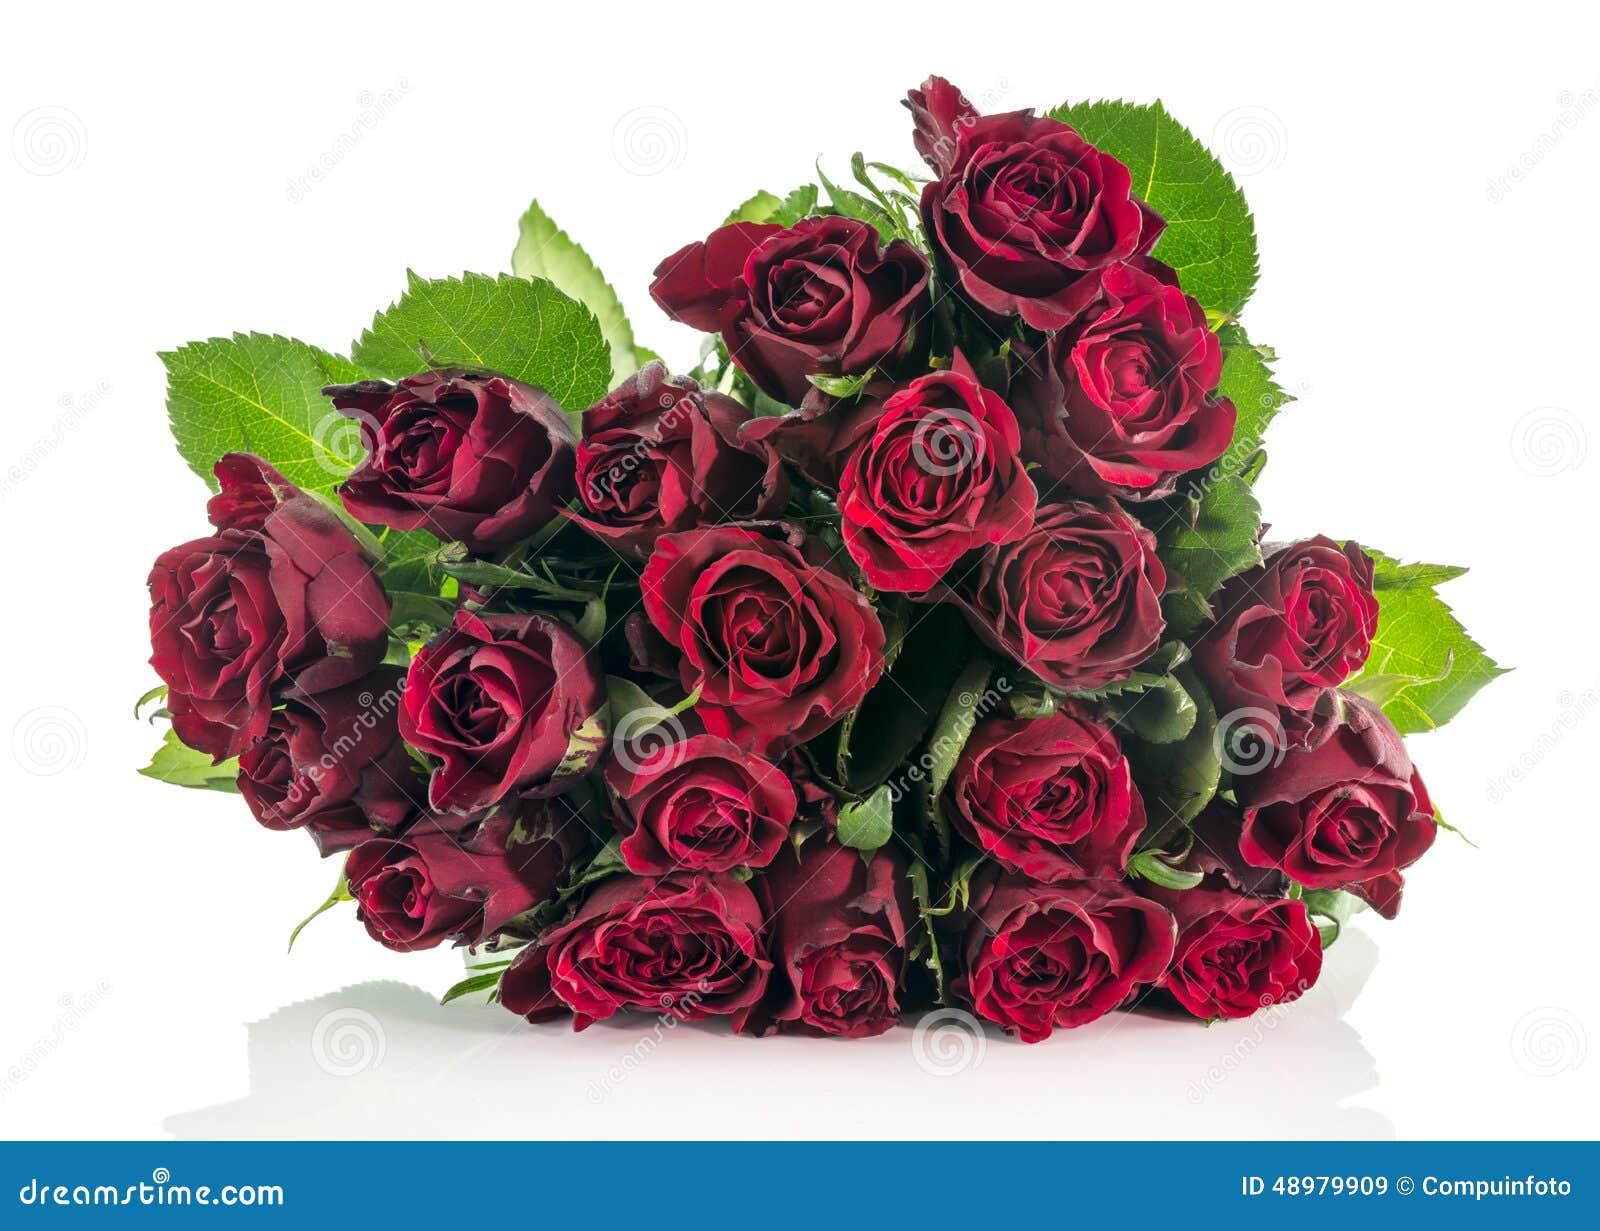 深宫风云之玫瑰_深红玫瑰花束